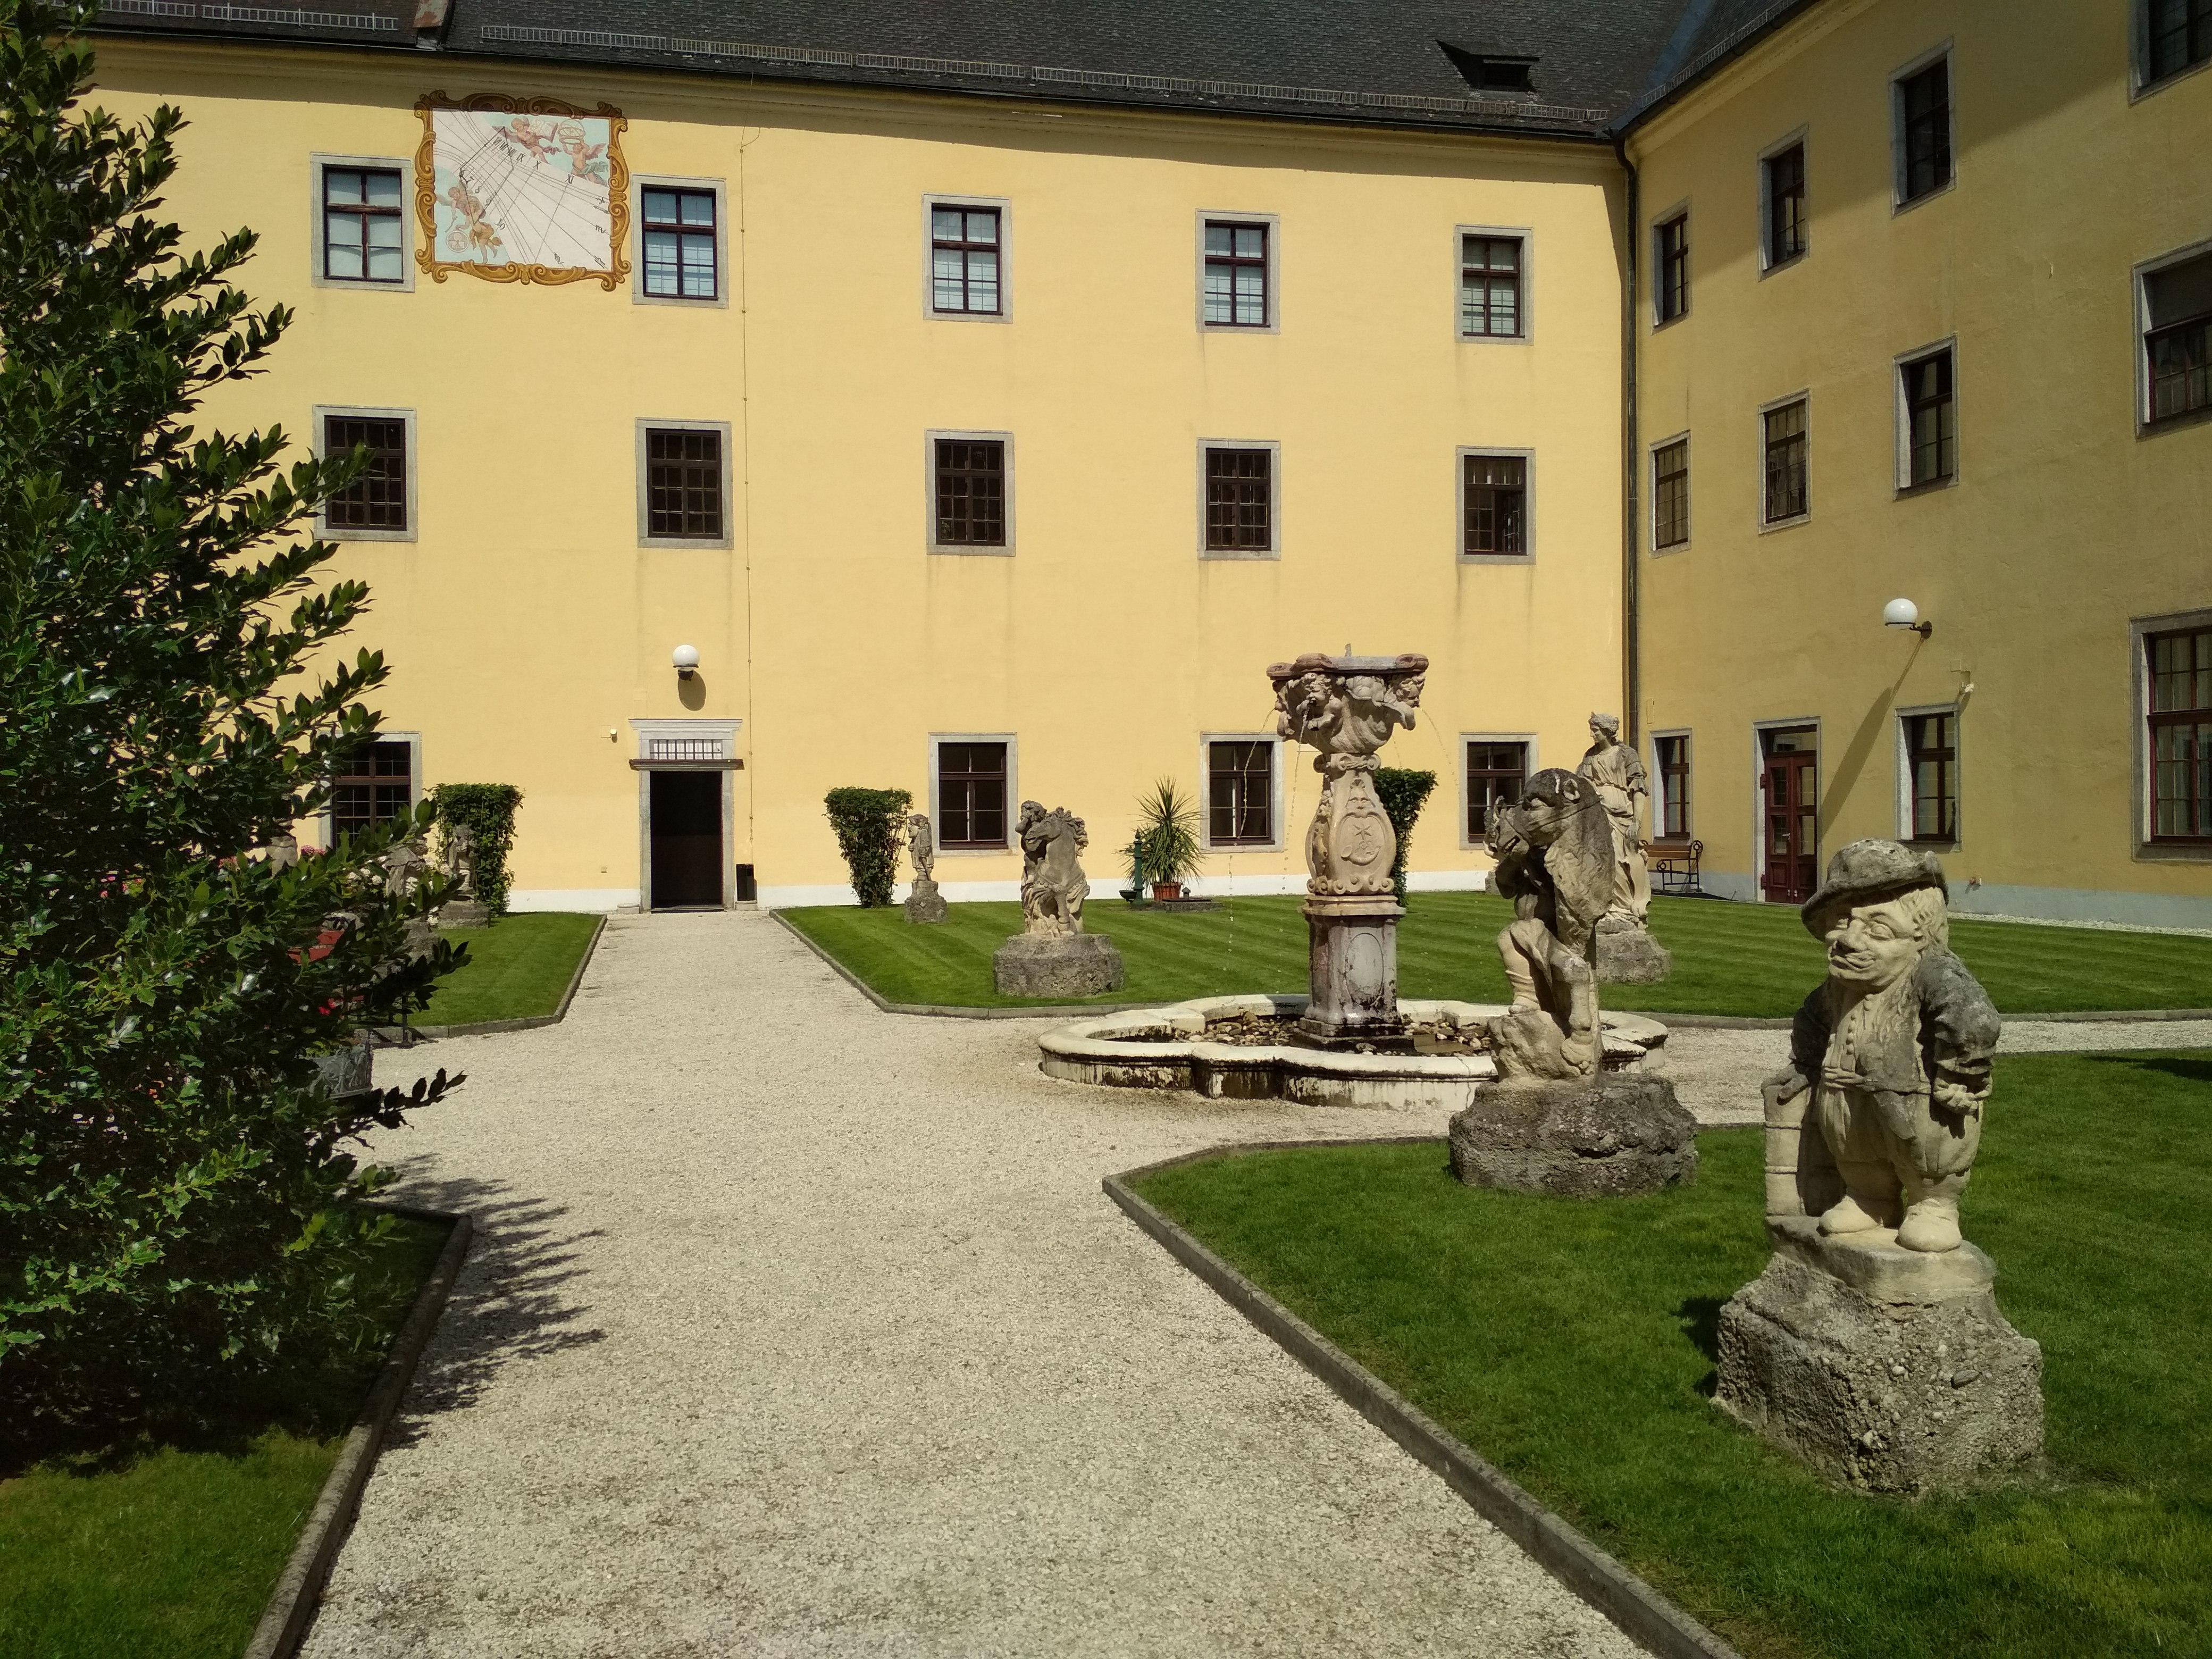 Filegarten Mit Skulpturen Und Sonnenuhrjpg Wikimedia Commons